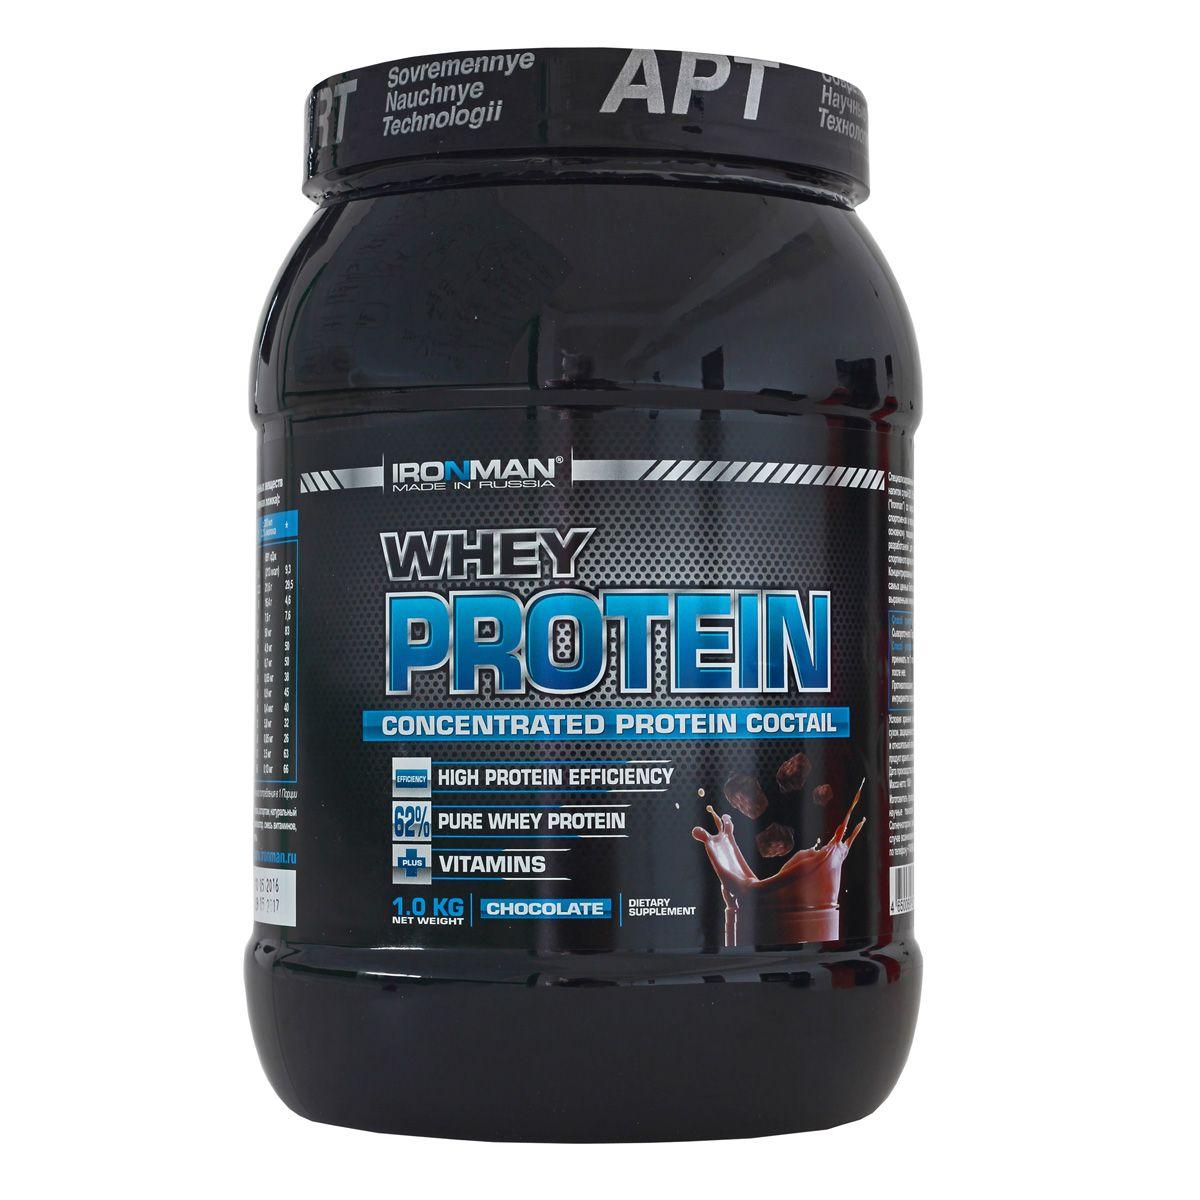 Протеин Ironman Сывороточный протеин, шоколад, 1 кг192586Сывороточный протеин - это концентрированный (62%) белок молочной сыворотки. Белок молочной сыворотки является наиболее легкоусвояемым и одним из самых ценных белков. По аминокислотному составу он наиболее близок к белку женского молока. В сравнении с казеином, он содержит в 4 раза больше цистеина и в 19 раз больше триптофана. Кроме того, белок молочной сыворотки обладает явно выраженными иммунными свойствами. Состав: концентрат сывороточного белка, аспартам, натуральный или идентичный натуральному ароматизатор, смесь витаминов, какао для вкуса шоколад, загуститель. Содержание питательных веществ в одной порции 25 г (2 ст. ложки)с водой: Белок 16 г, углеводы 7 г, жиры менее 1 г, калории 97 кКал. Содержание питательных веществ в одной порции 25 г (2 ст. ложки)с 200 мл 3,2% молока: Белок - 21,6 г, углеводы - 16,4 г, жиры - 7,6 г, калории - 213 кКал. Аминокислотный состав (на 100 г белка): Аланин 4800 мг, аргинин 6000 мг ,*метионин 1700 мг, *лизин 7100 мг, аспарагиновая кислота 11000 мг, пролин 5700 мг, *валин 5100 мг ,серин 5800 мг, *гистидин 2800 мг, *треонин 4600 мг, глицин 3700 мг ,*триптофан 1500 мг, глютаминовая кислота 15000 мг ,тирозин 3000 мг, *изолейцин 5200 мг ,*фенилаланин 4900 мг, *лейцин 9000 мг, цистеин 3100 мг (*-незаменимые аминокислоты).Товар сертифицирован.Как повысить эффективность тренировок с помощью спортивного питания? Статья OZON Гид